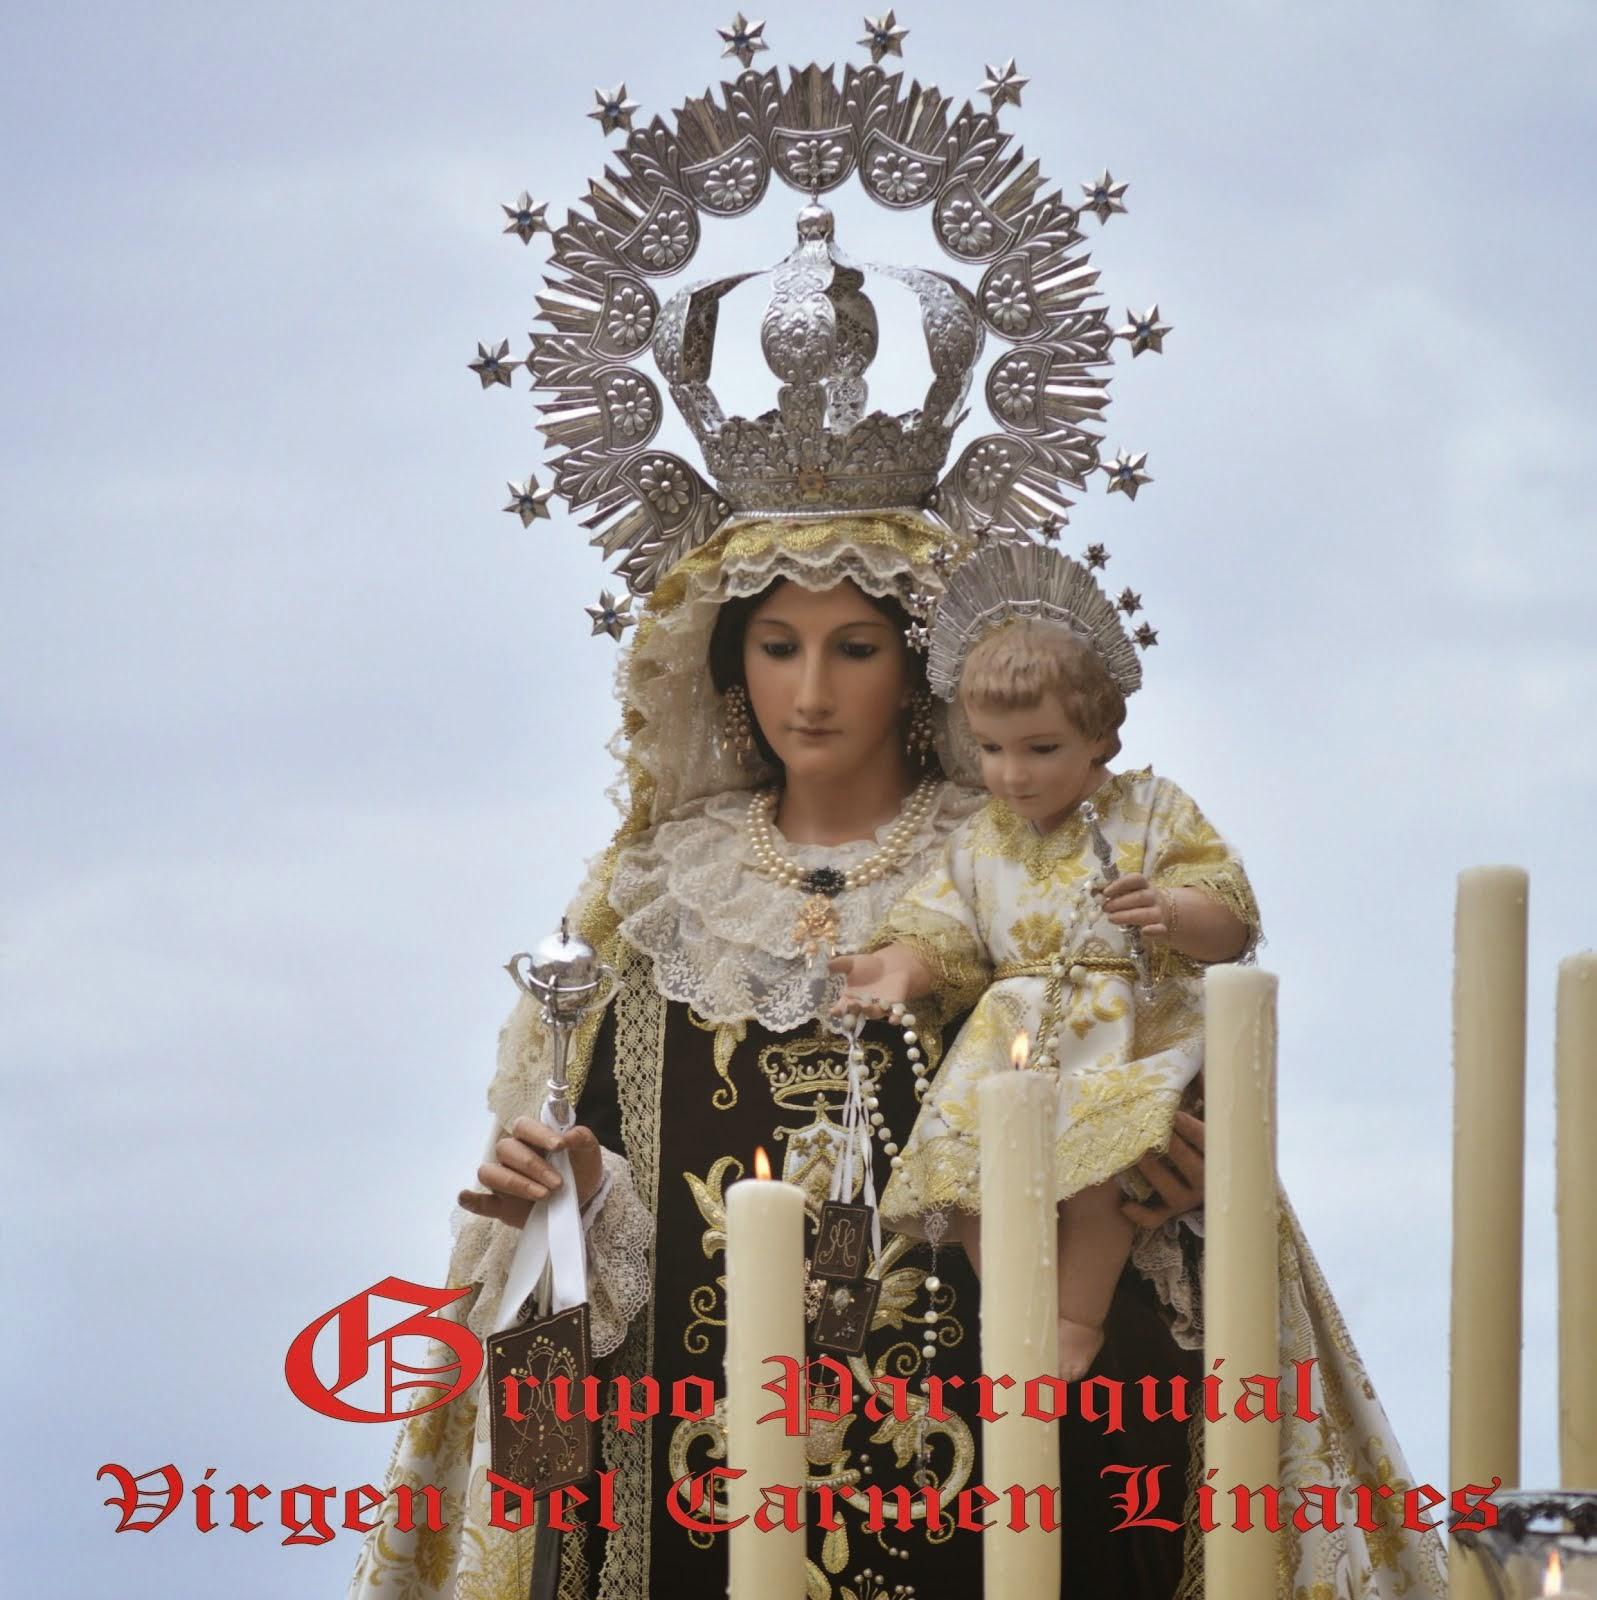 Grupo Parroquial Virgen del Carmen